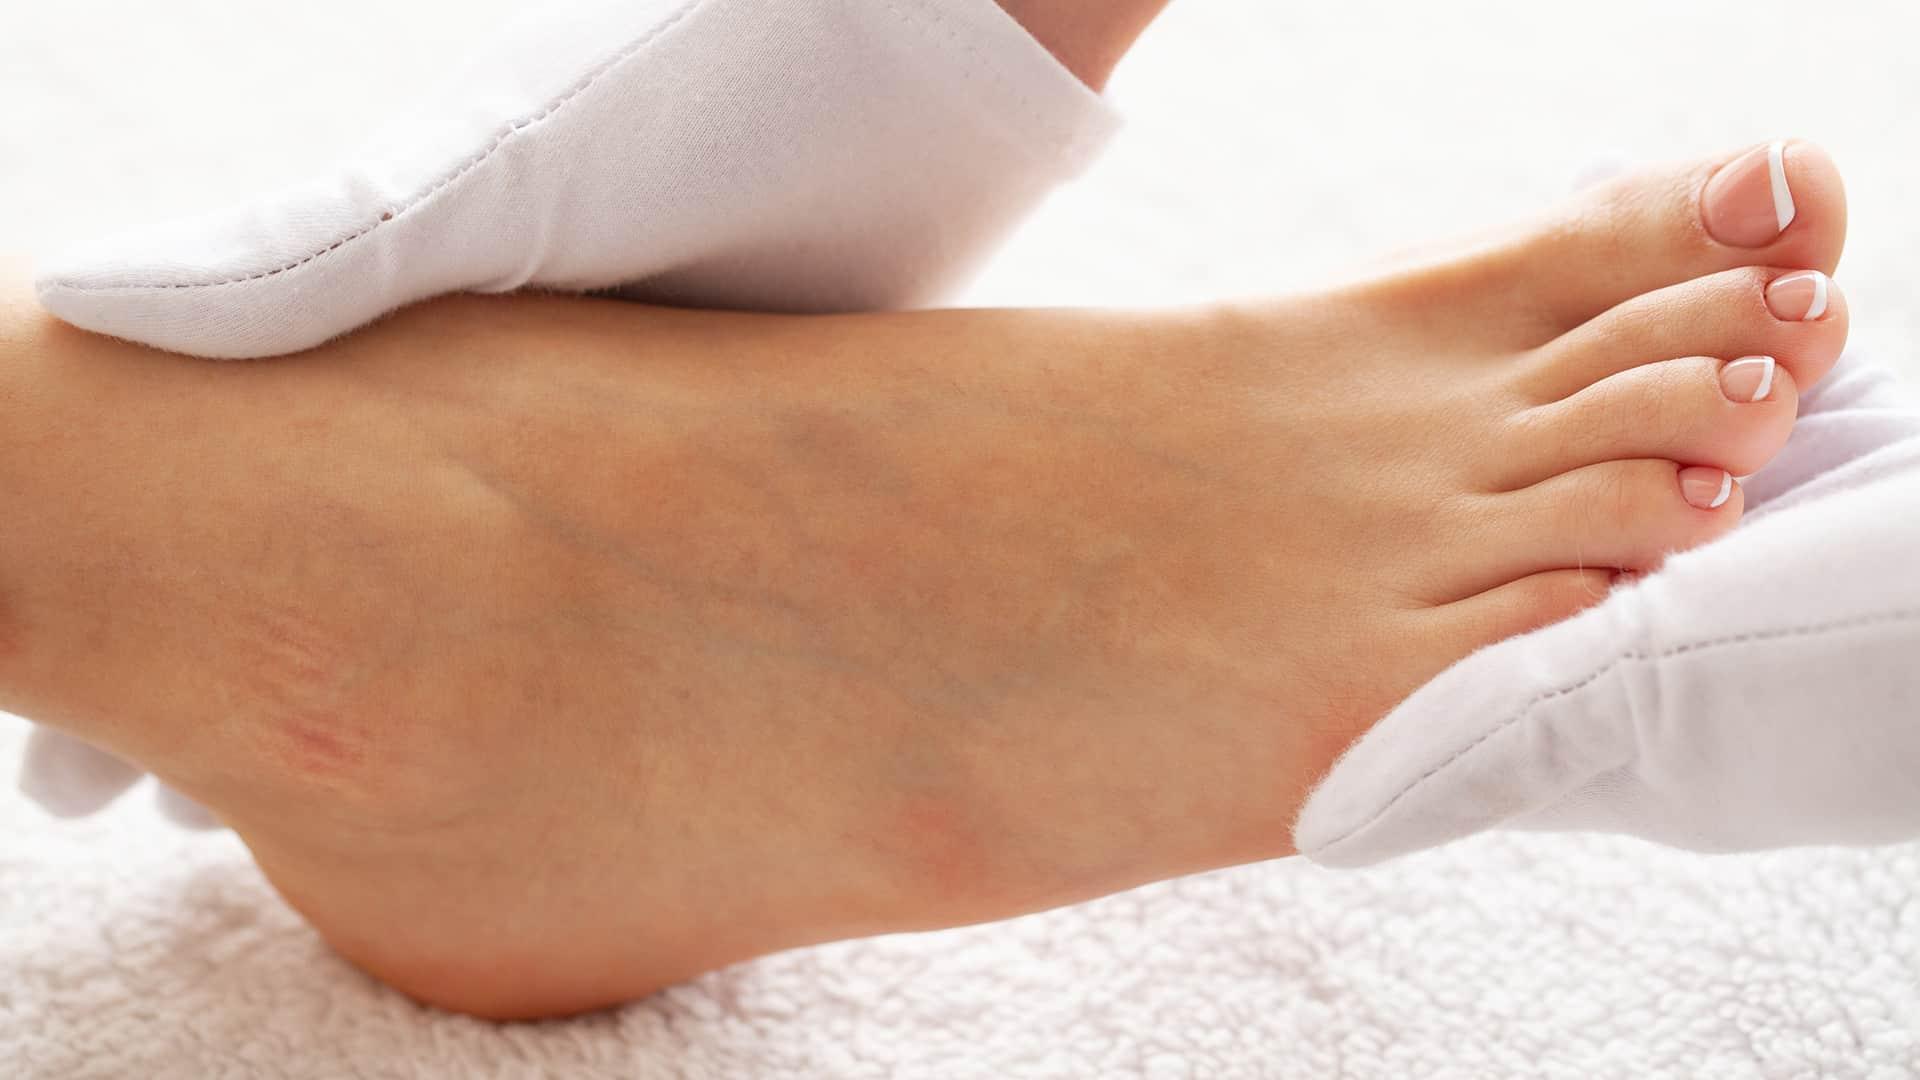 Co to jest podologia i specjalistyczna pielęgnacja stóp?